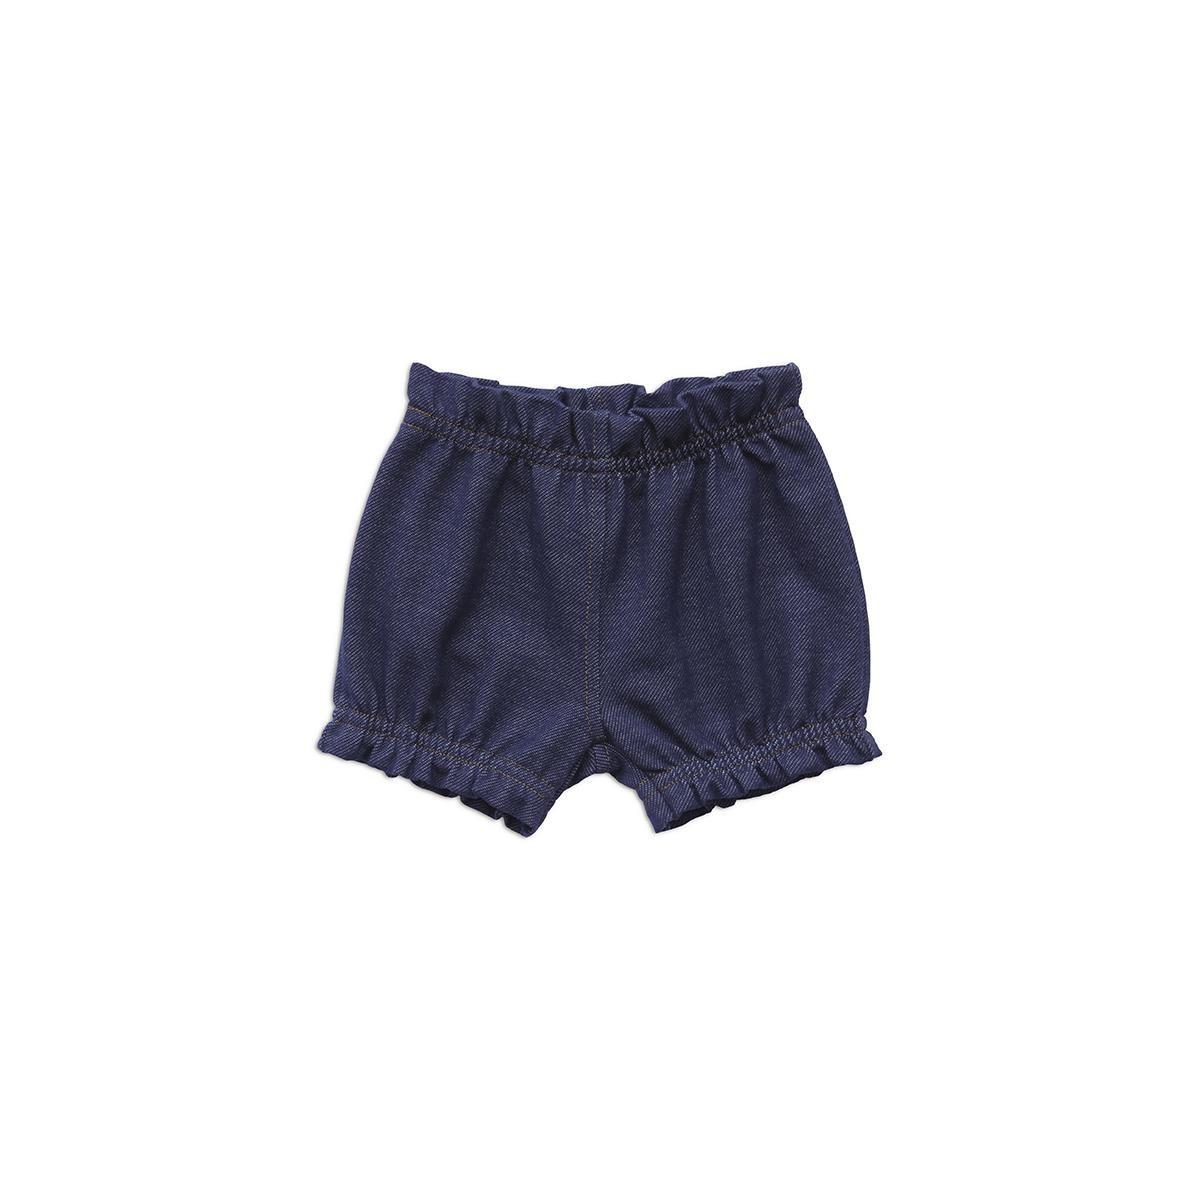 Shorts Feminino Estilo Jeans Moletinho 65% Algodão 31% Poliéster 4% Elastano  - Piu Blu